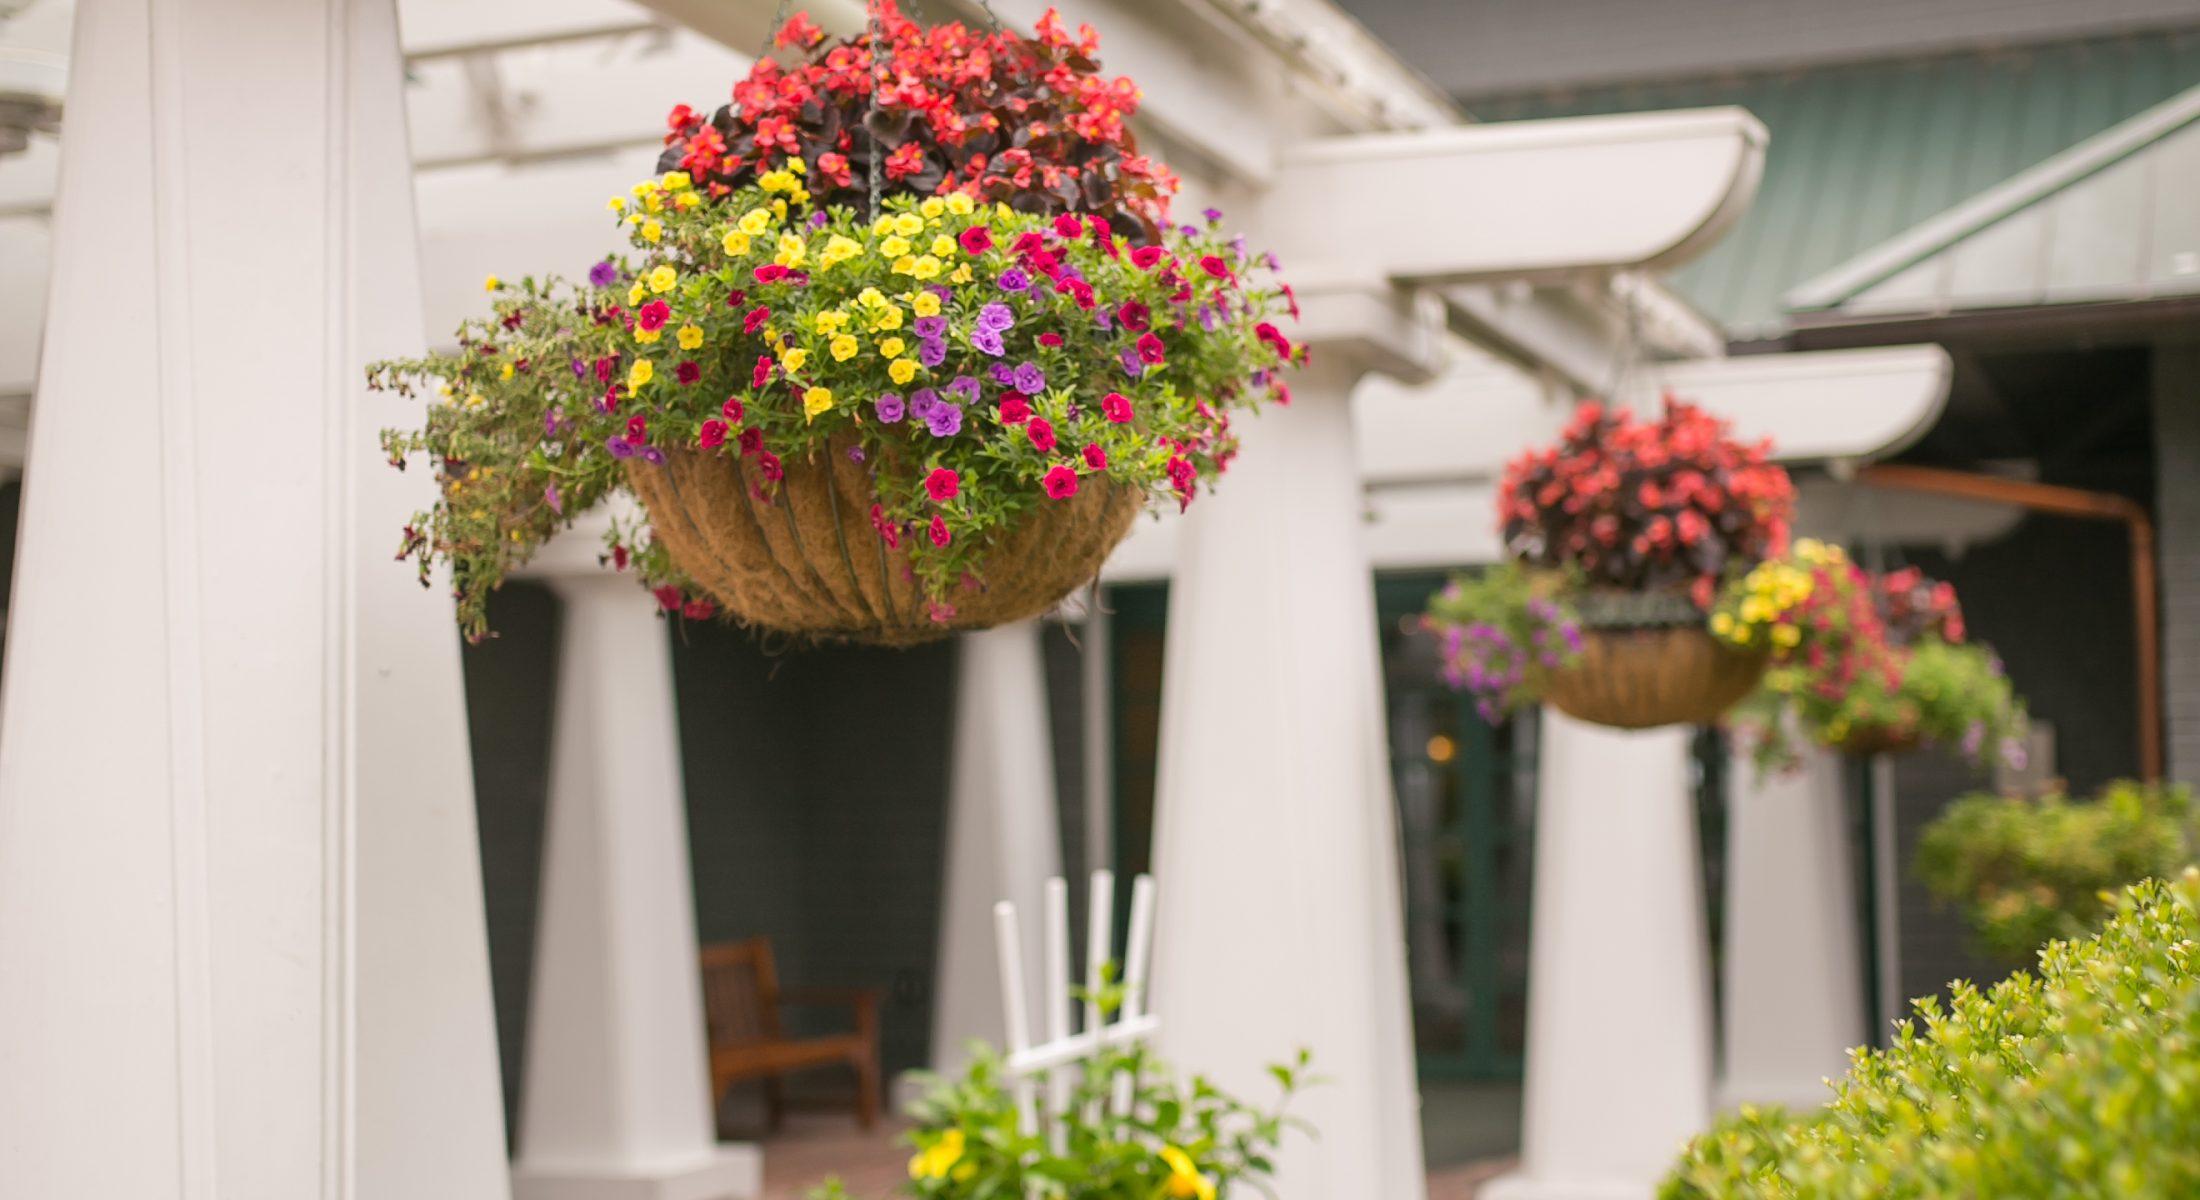 resort center entrance lobby flowers